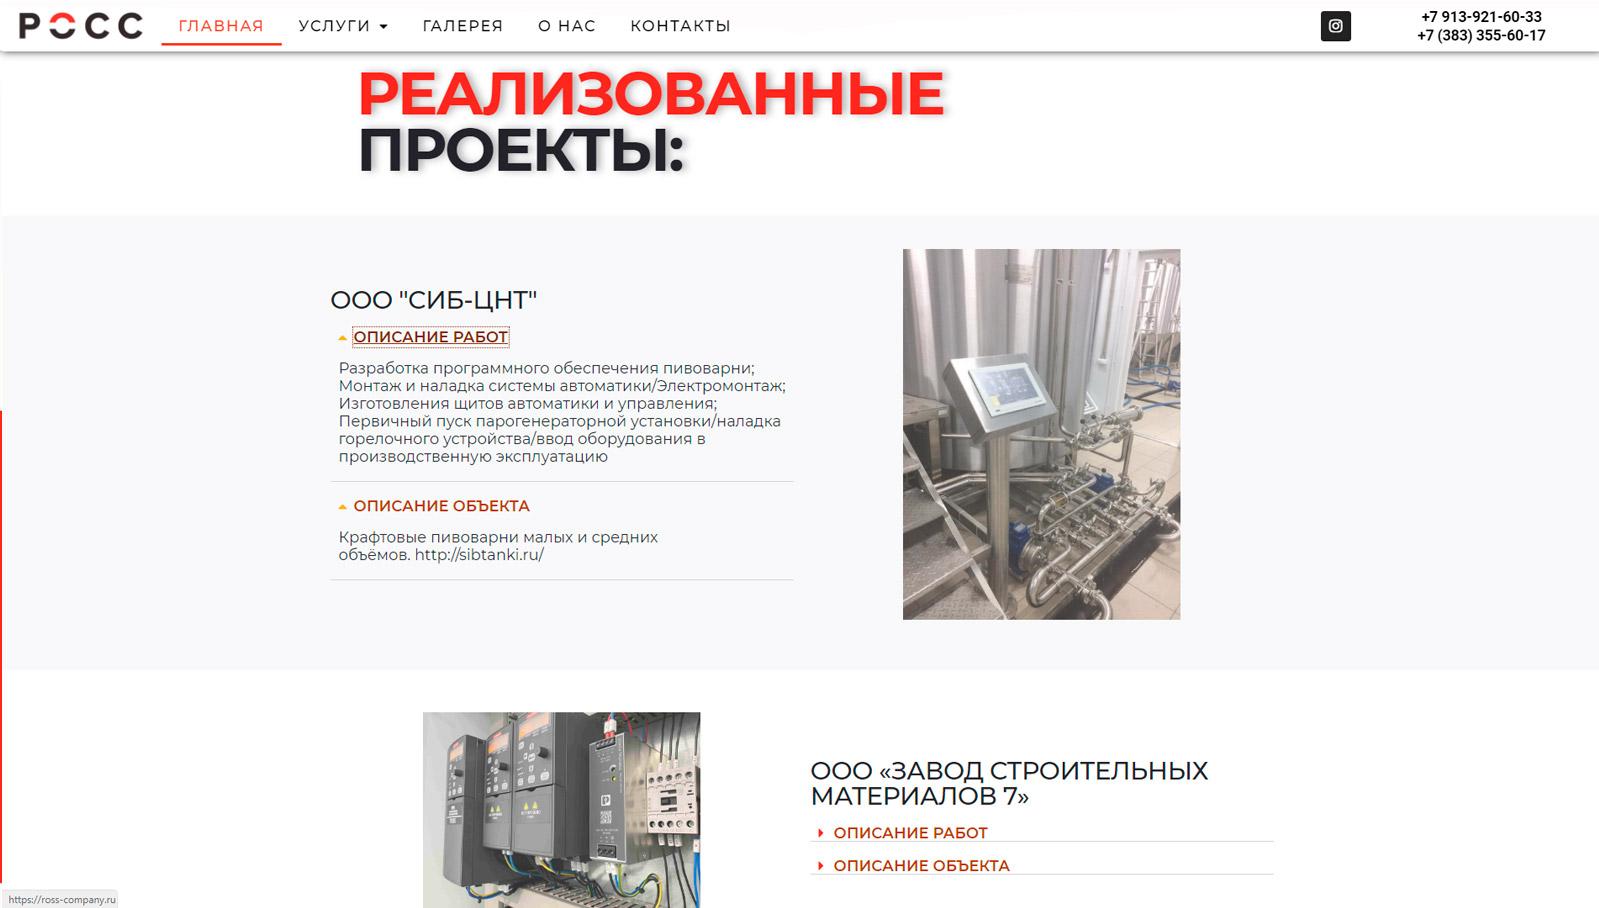 SPS_sajt_ross_avtomatizaciya4